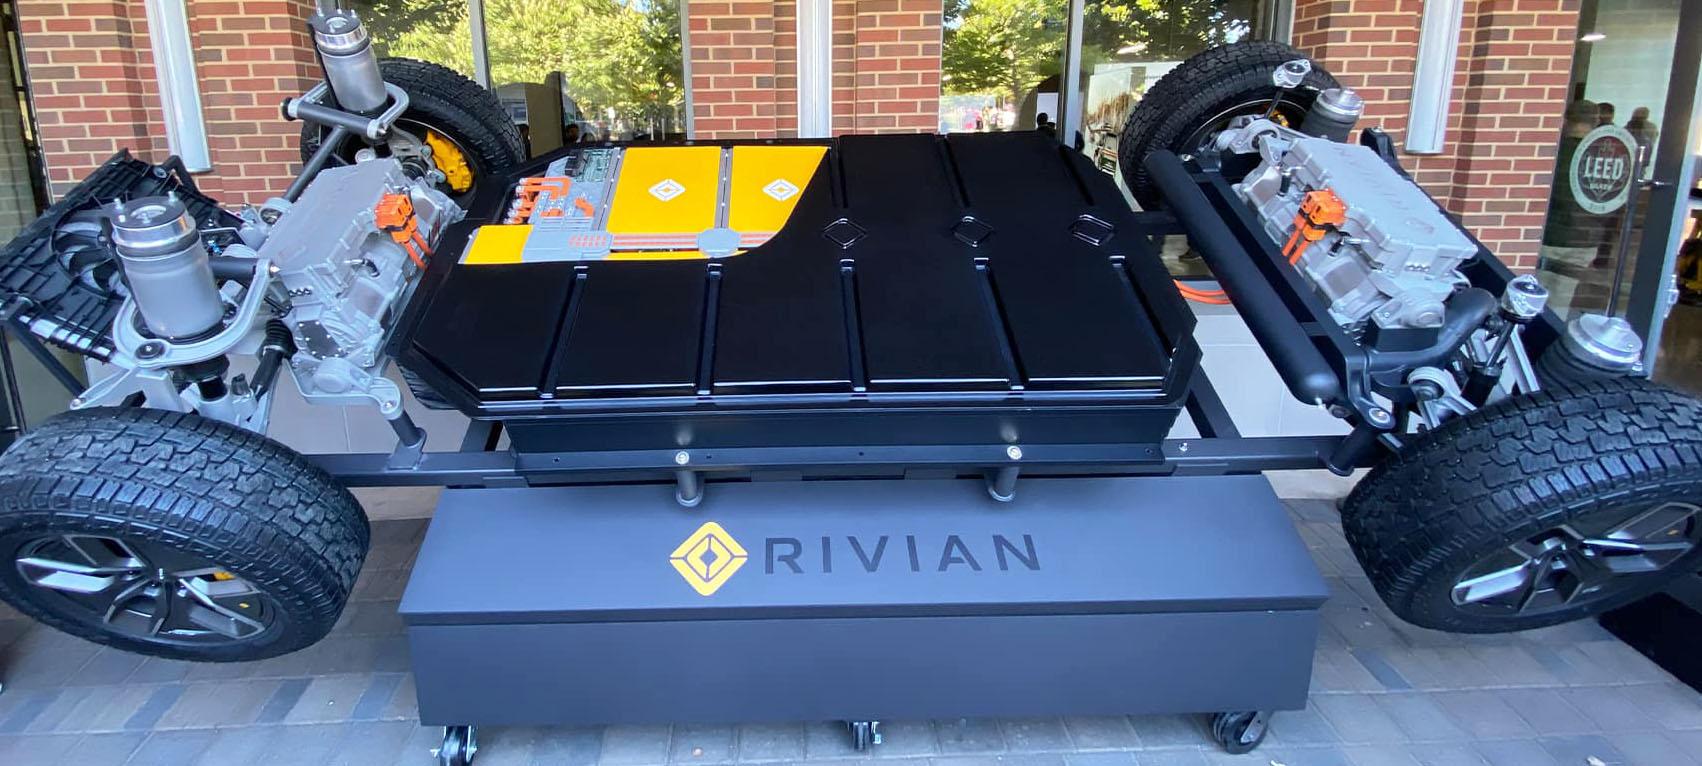 Rivian Battery